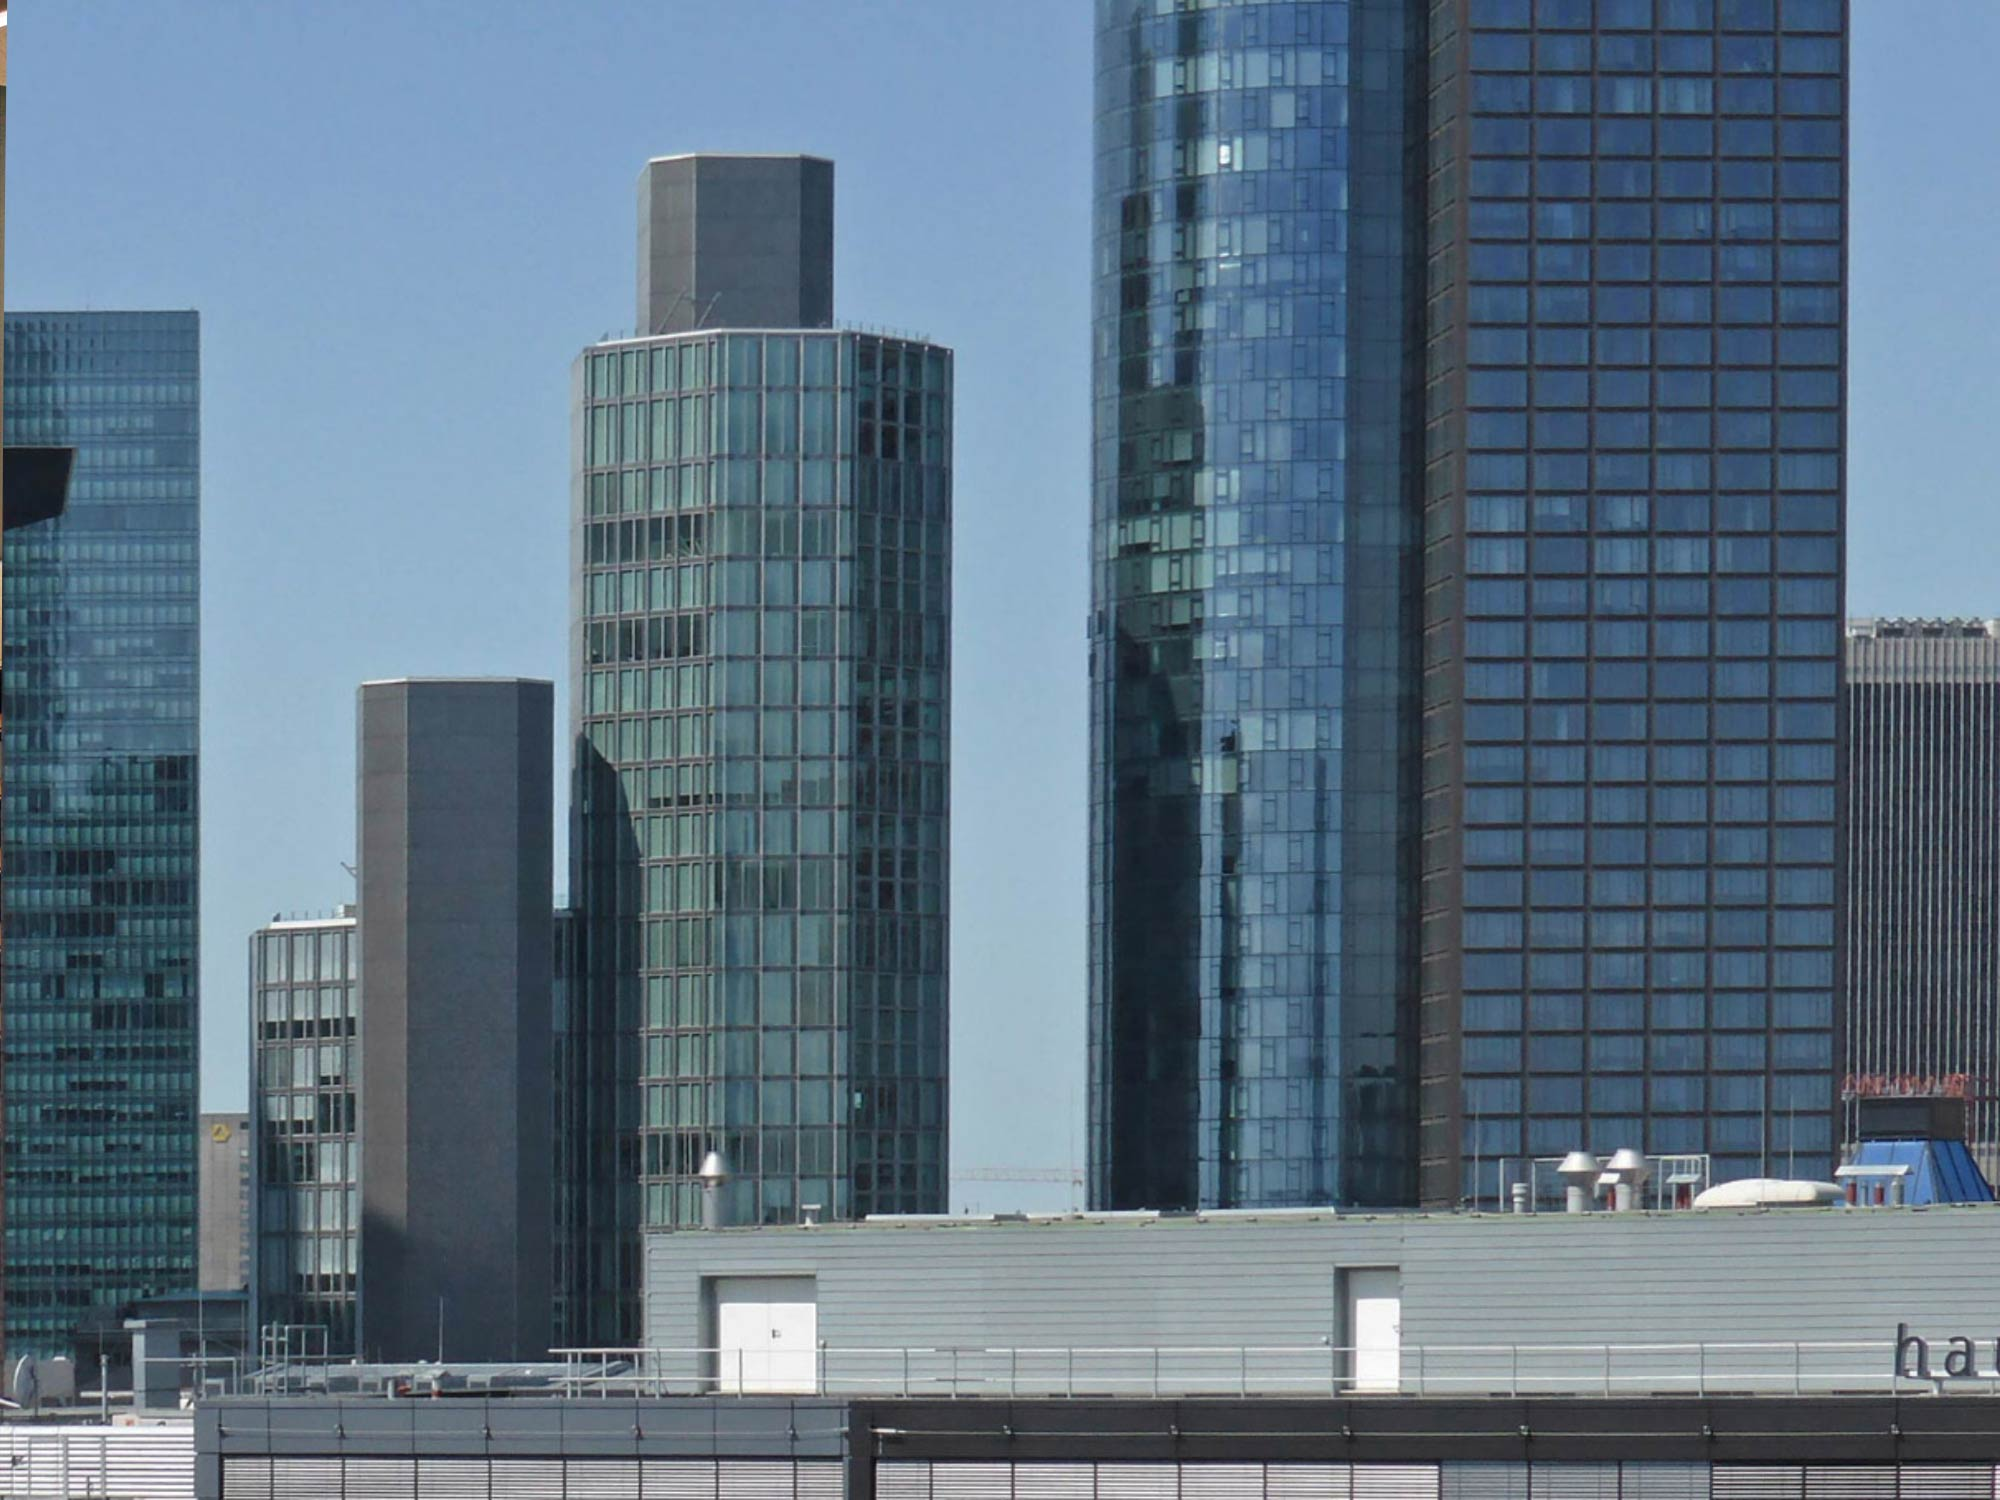 Garden Tower Frankfurt Bankenviertel- Neue Mainzer Strasse - Coworking Frankfurt CBD - Tribes Garden Tower